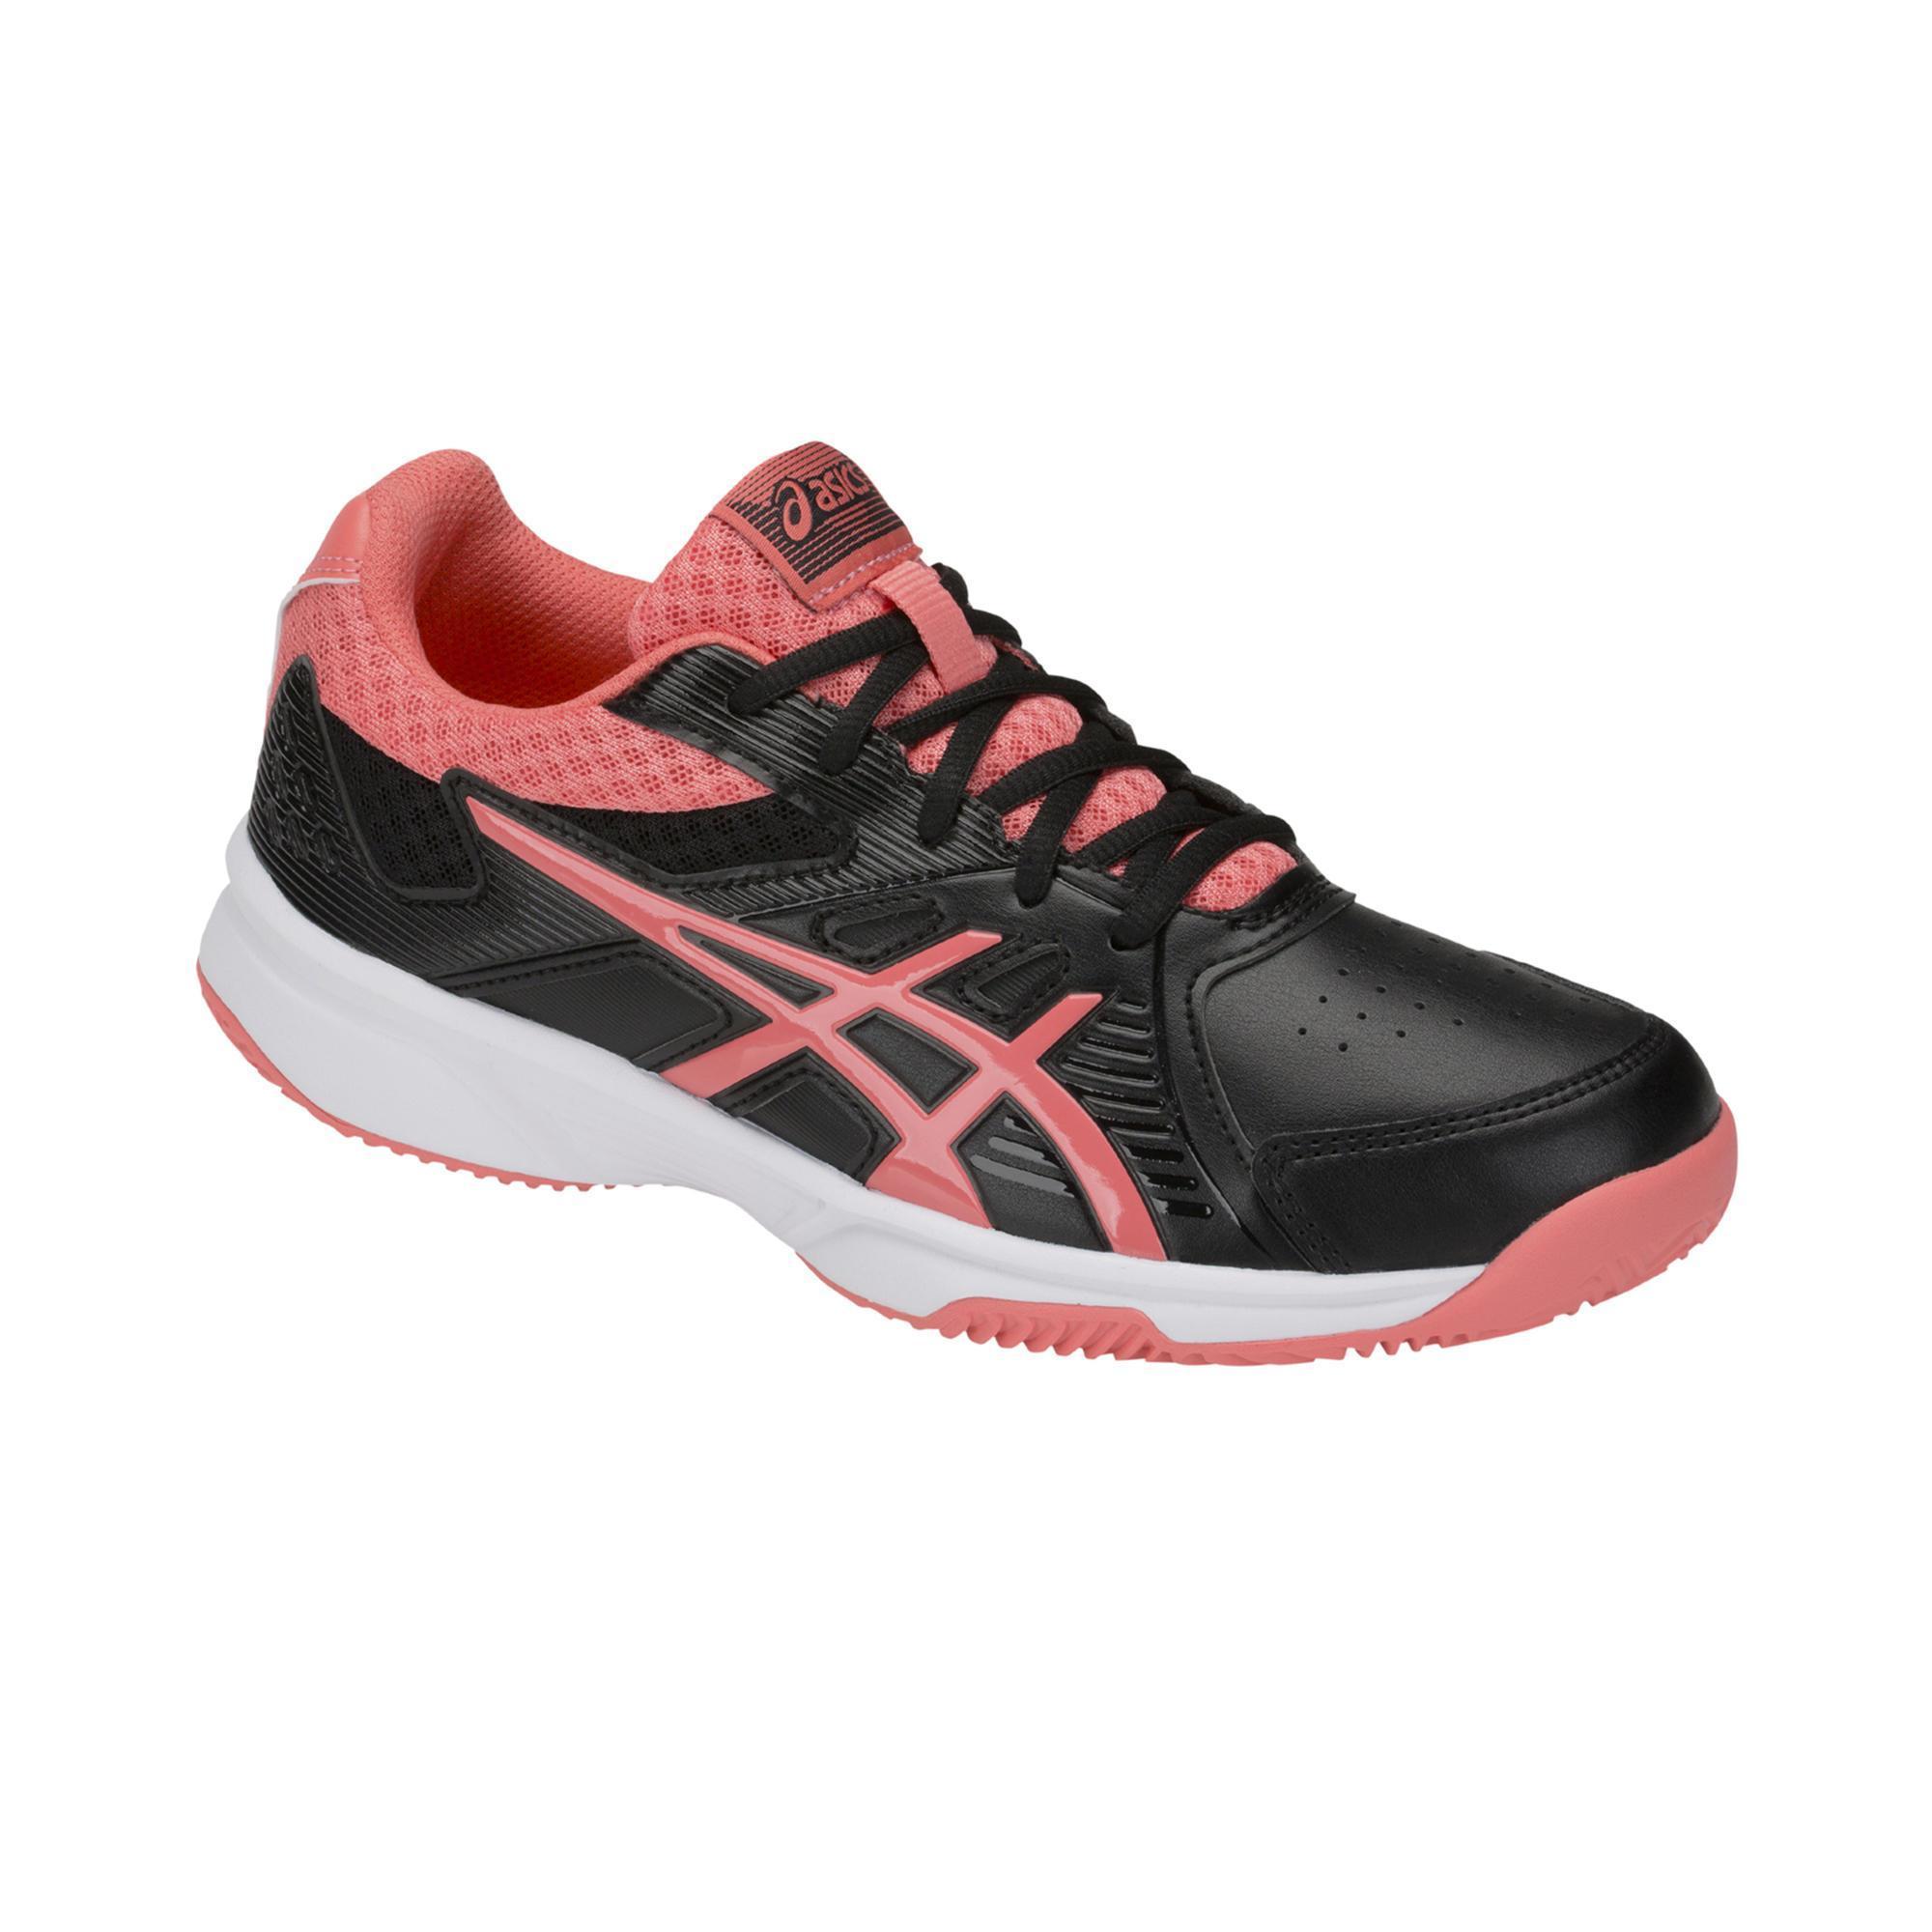 0d470523b Comprar Zapatillas y calzado de tenis mujer online